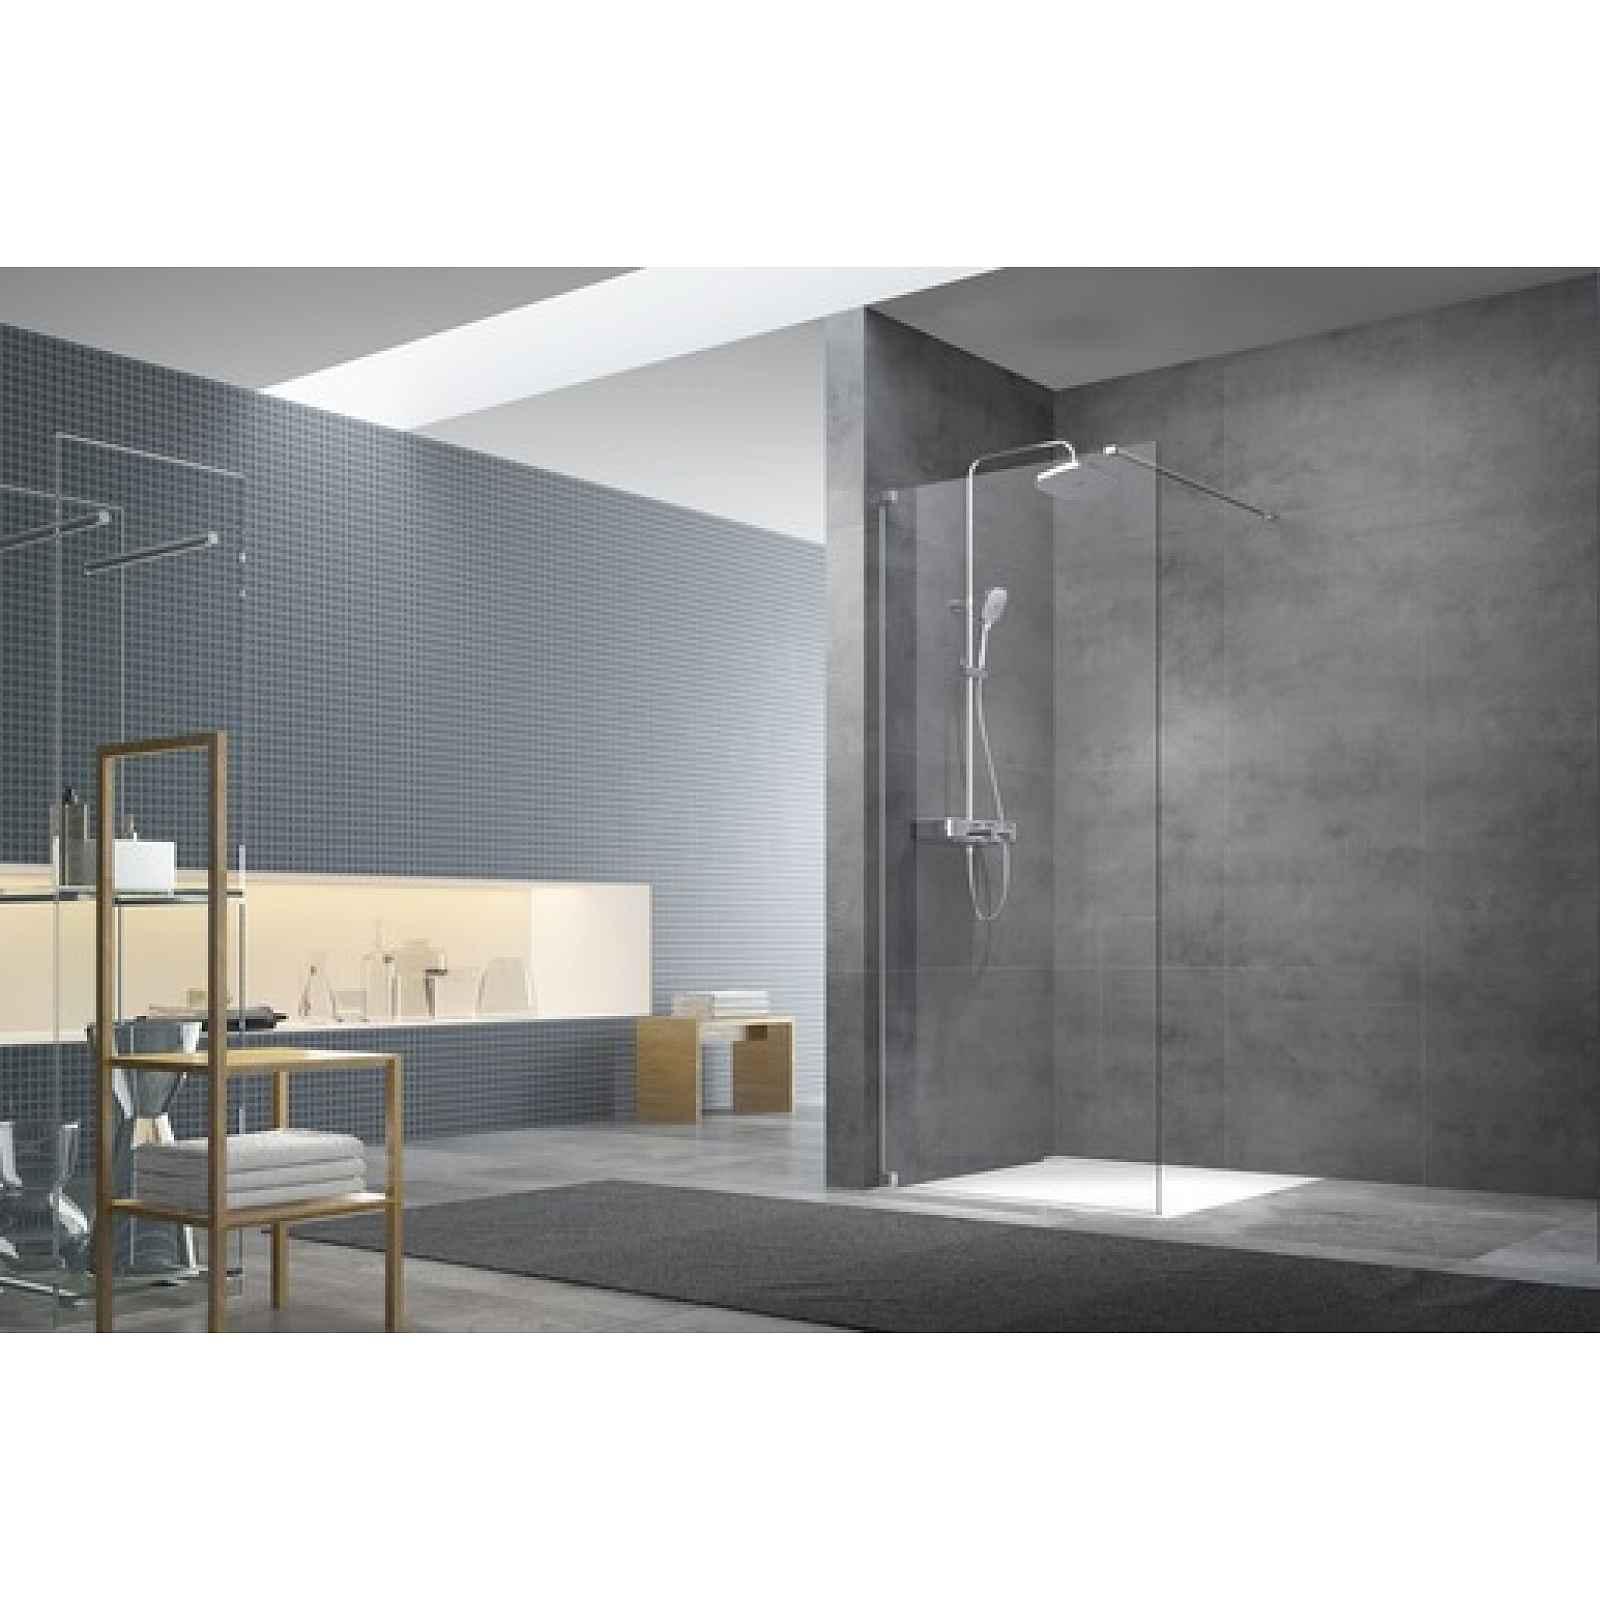 Sprchová zástěna walk-in Walk-In / dveře 90 cm s panty a zavětrováním Swiss Aqua Technologies Walk-in SATBWI90PA